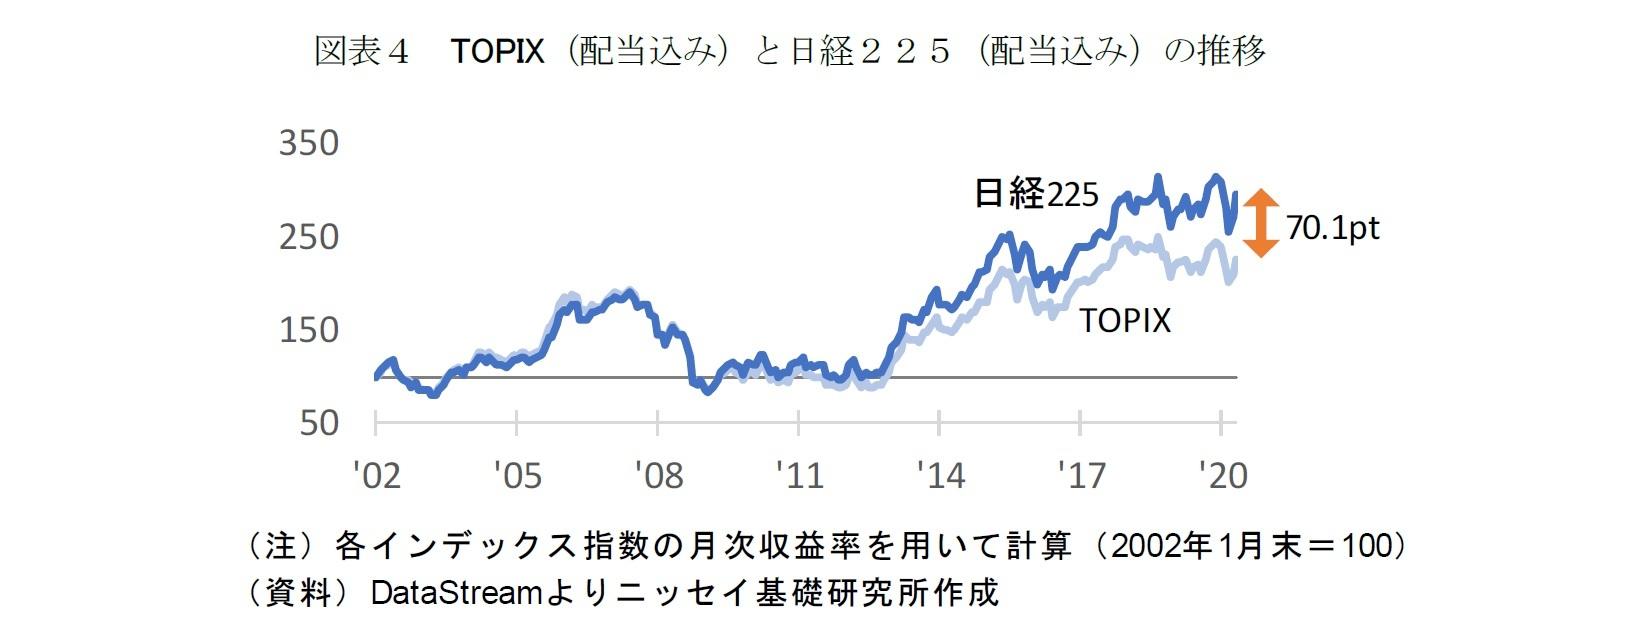 図表4 TOPIX(配当込み)と日経225(配当込み)の推移